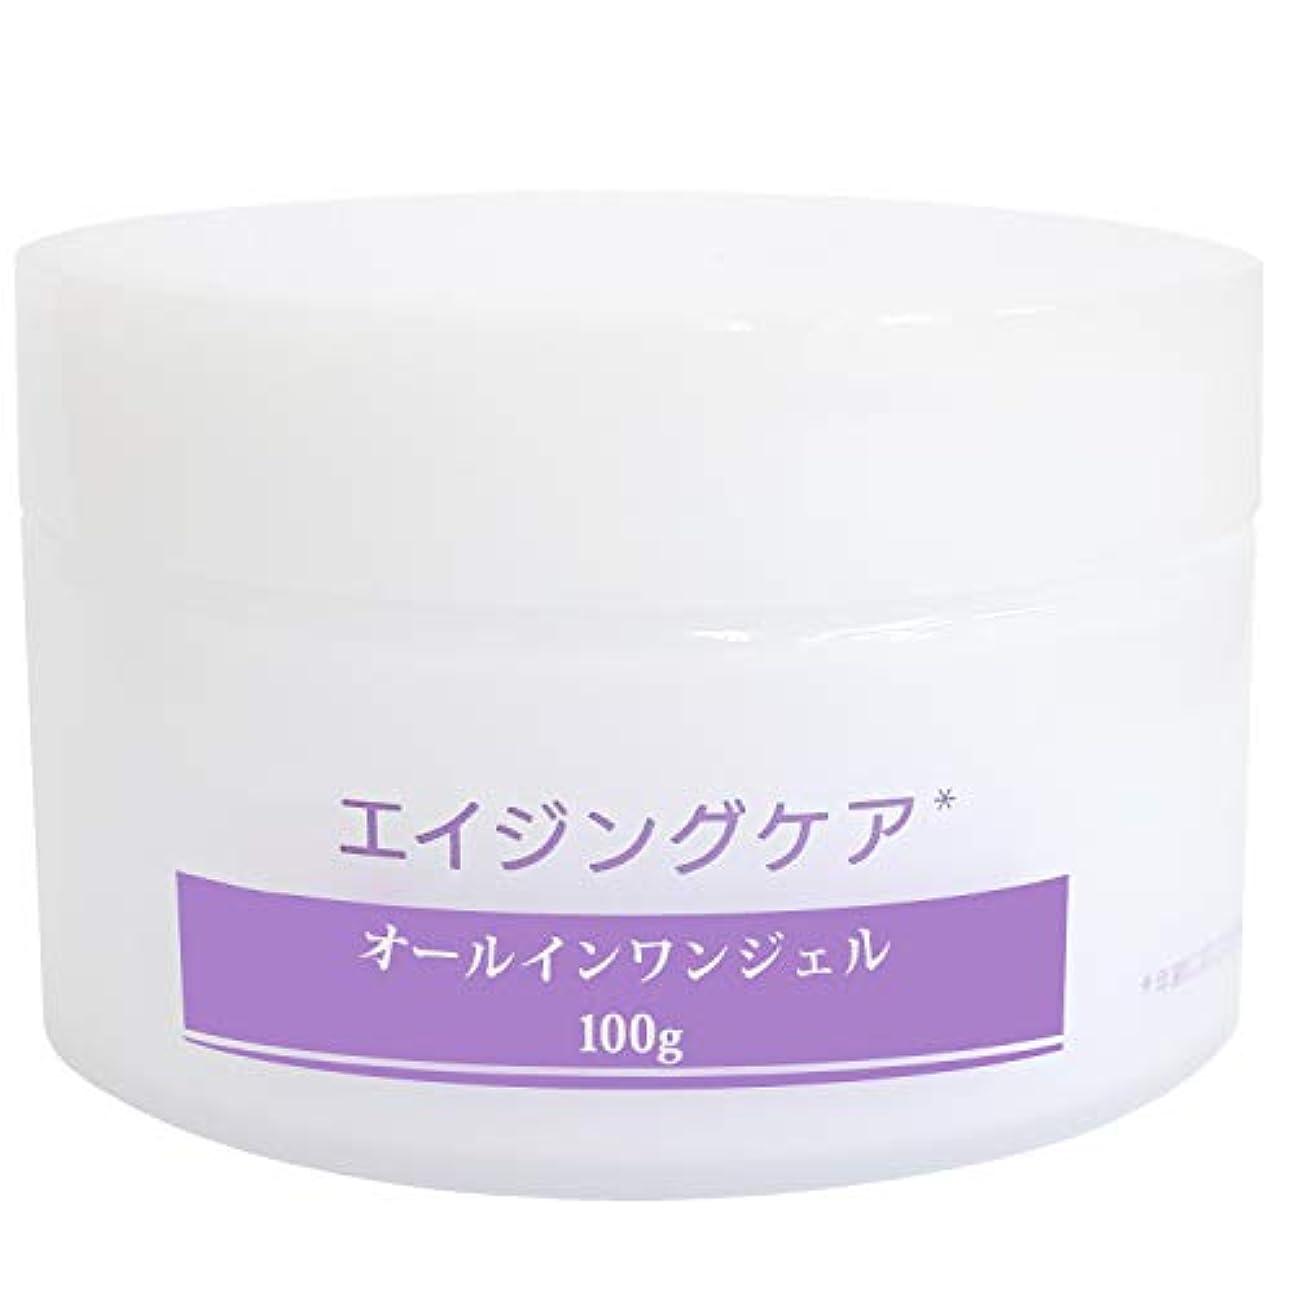 中級変更雄弁オールインワンジェル メンズ 化粧水 美容液 保湿クリーム オールインワン エイジングケア スキンケア リンクルケア 男性 乾燥小じわを目立たなくする 大容量 100g